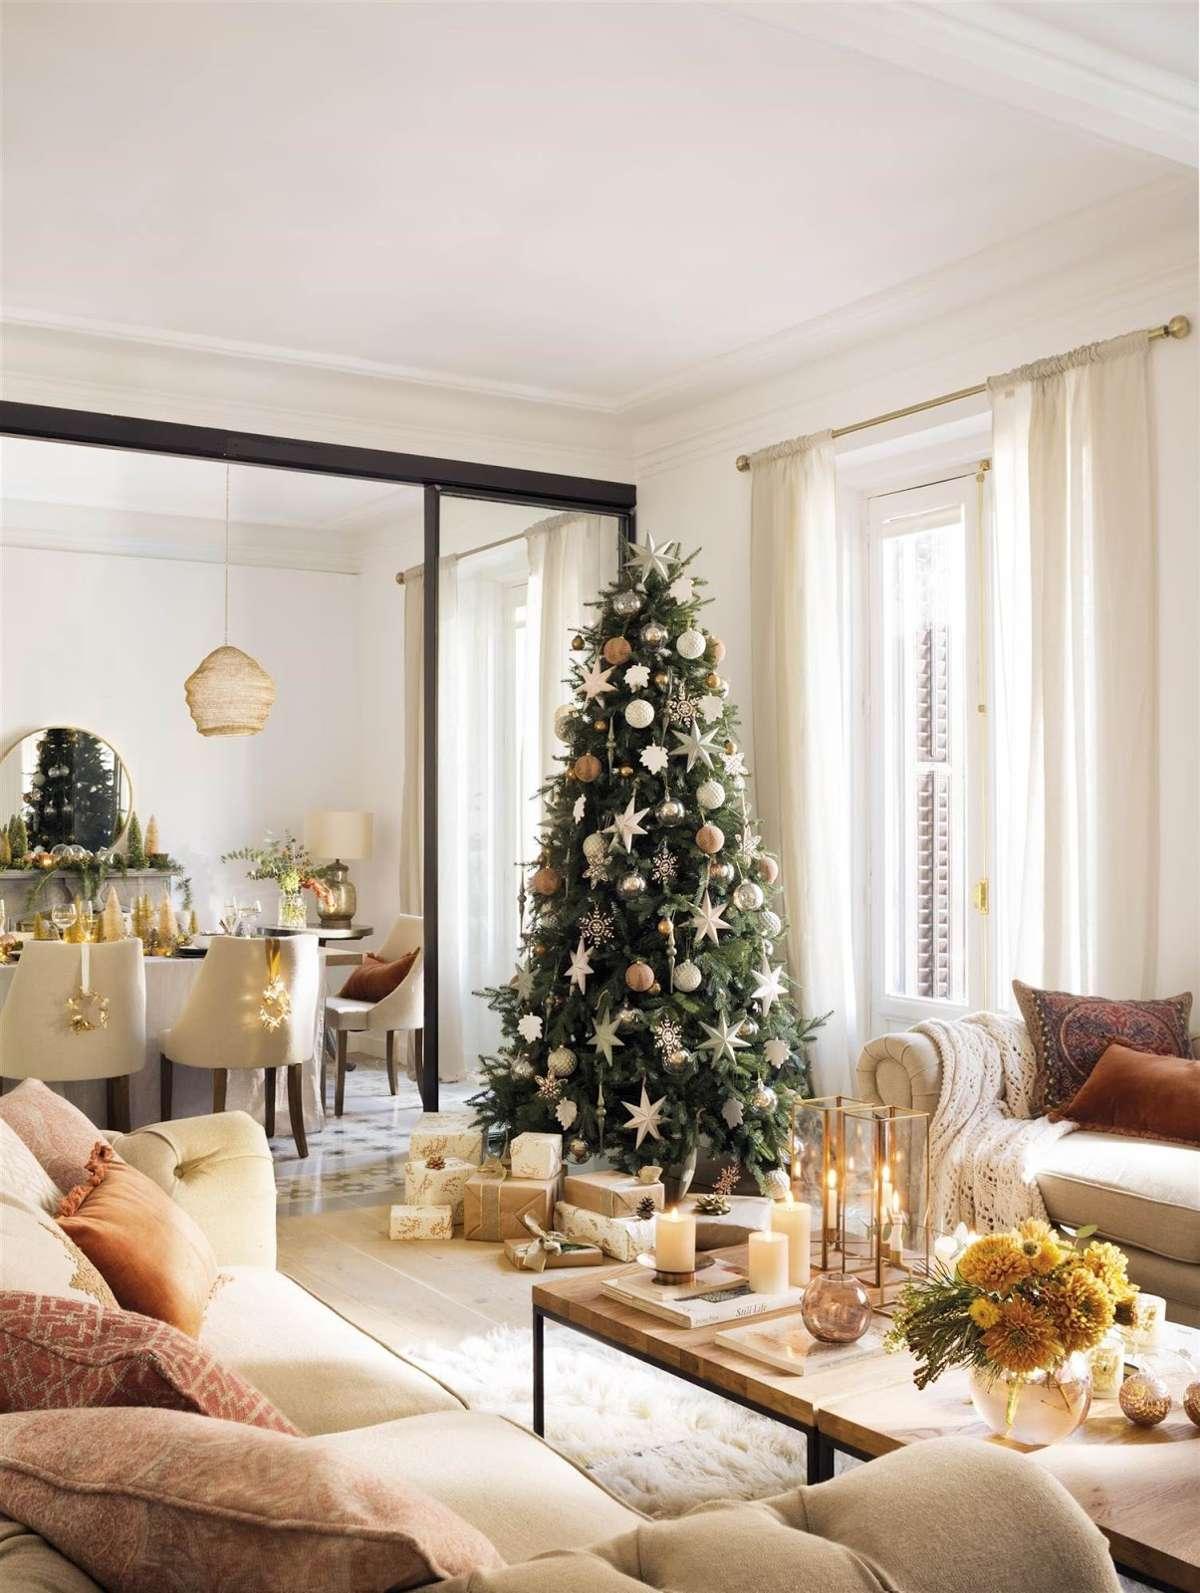 Sorprendentes ideas para decorar el árbol de Navidad 13